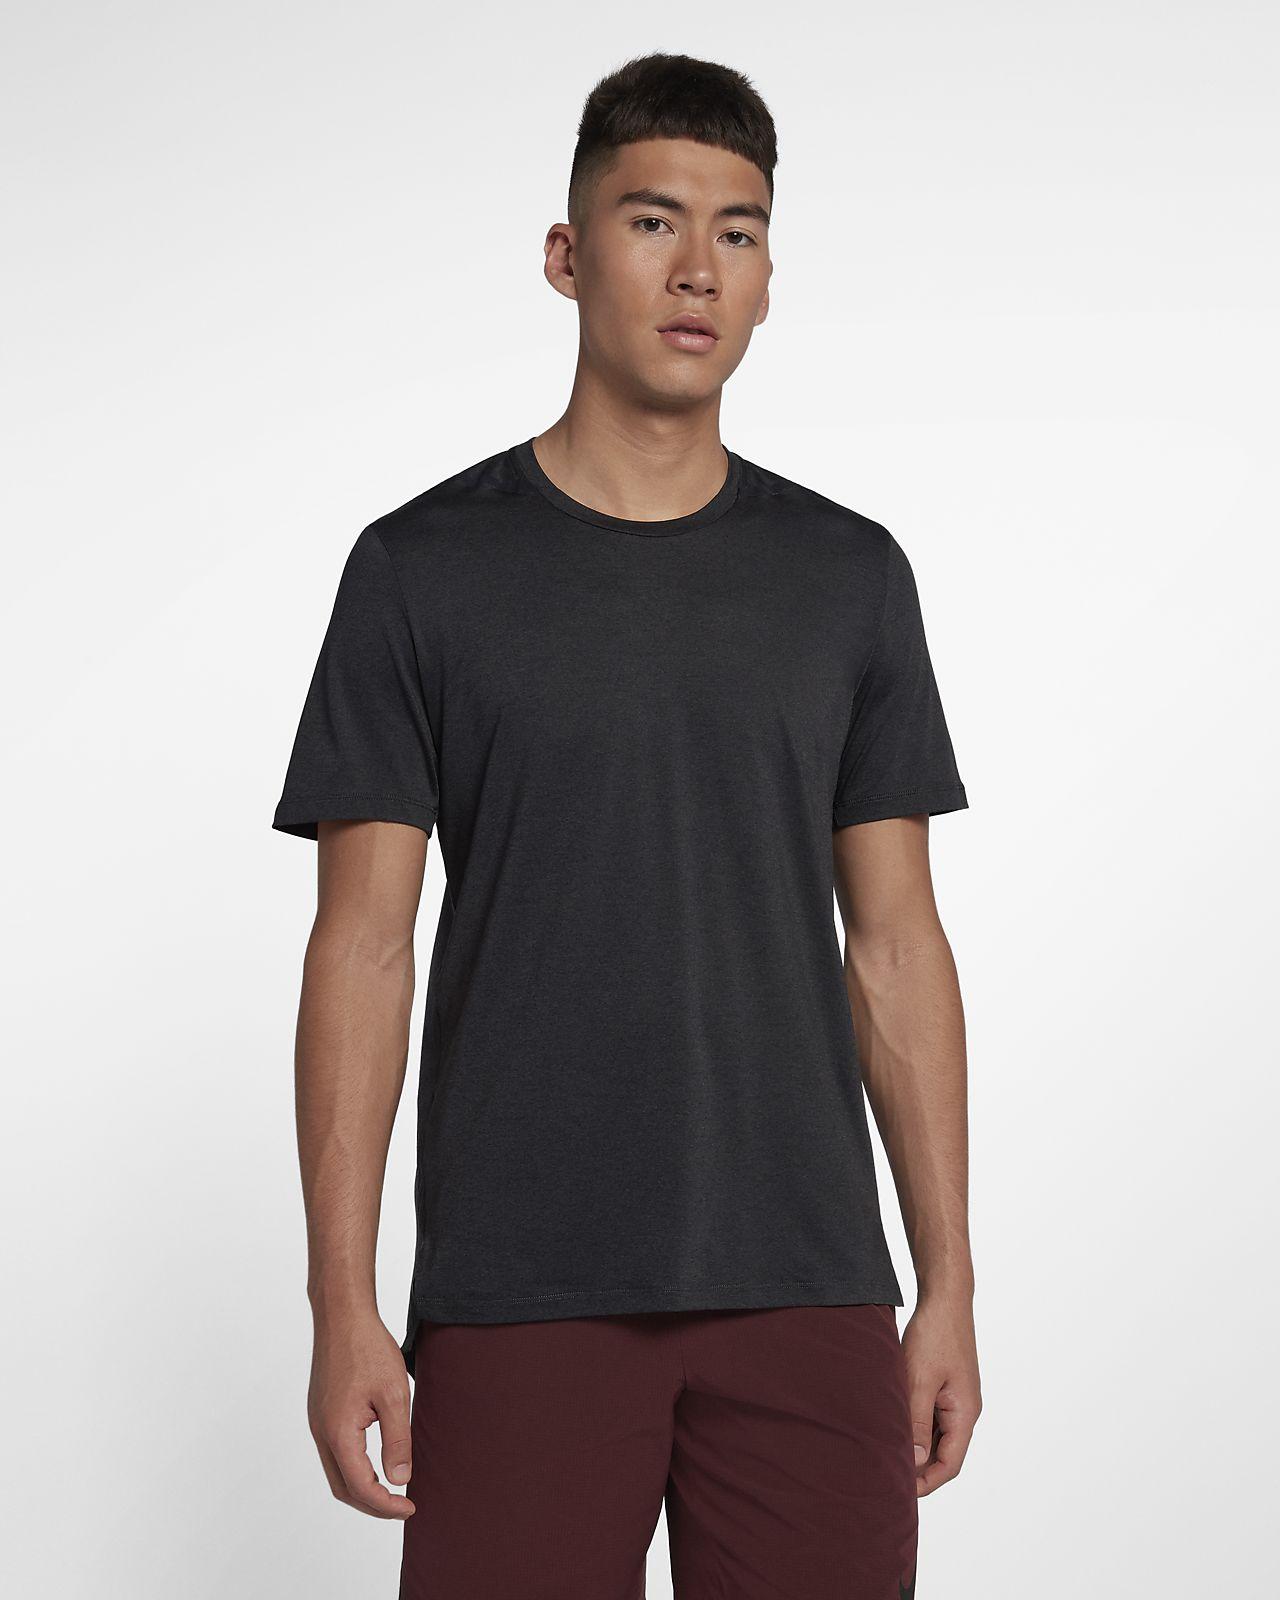 Ανδρική κοντομάνικη μπλούζα προπόνησης Nike Dri-FIT Premium